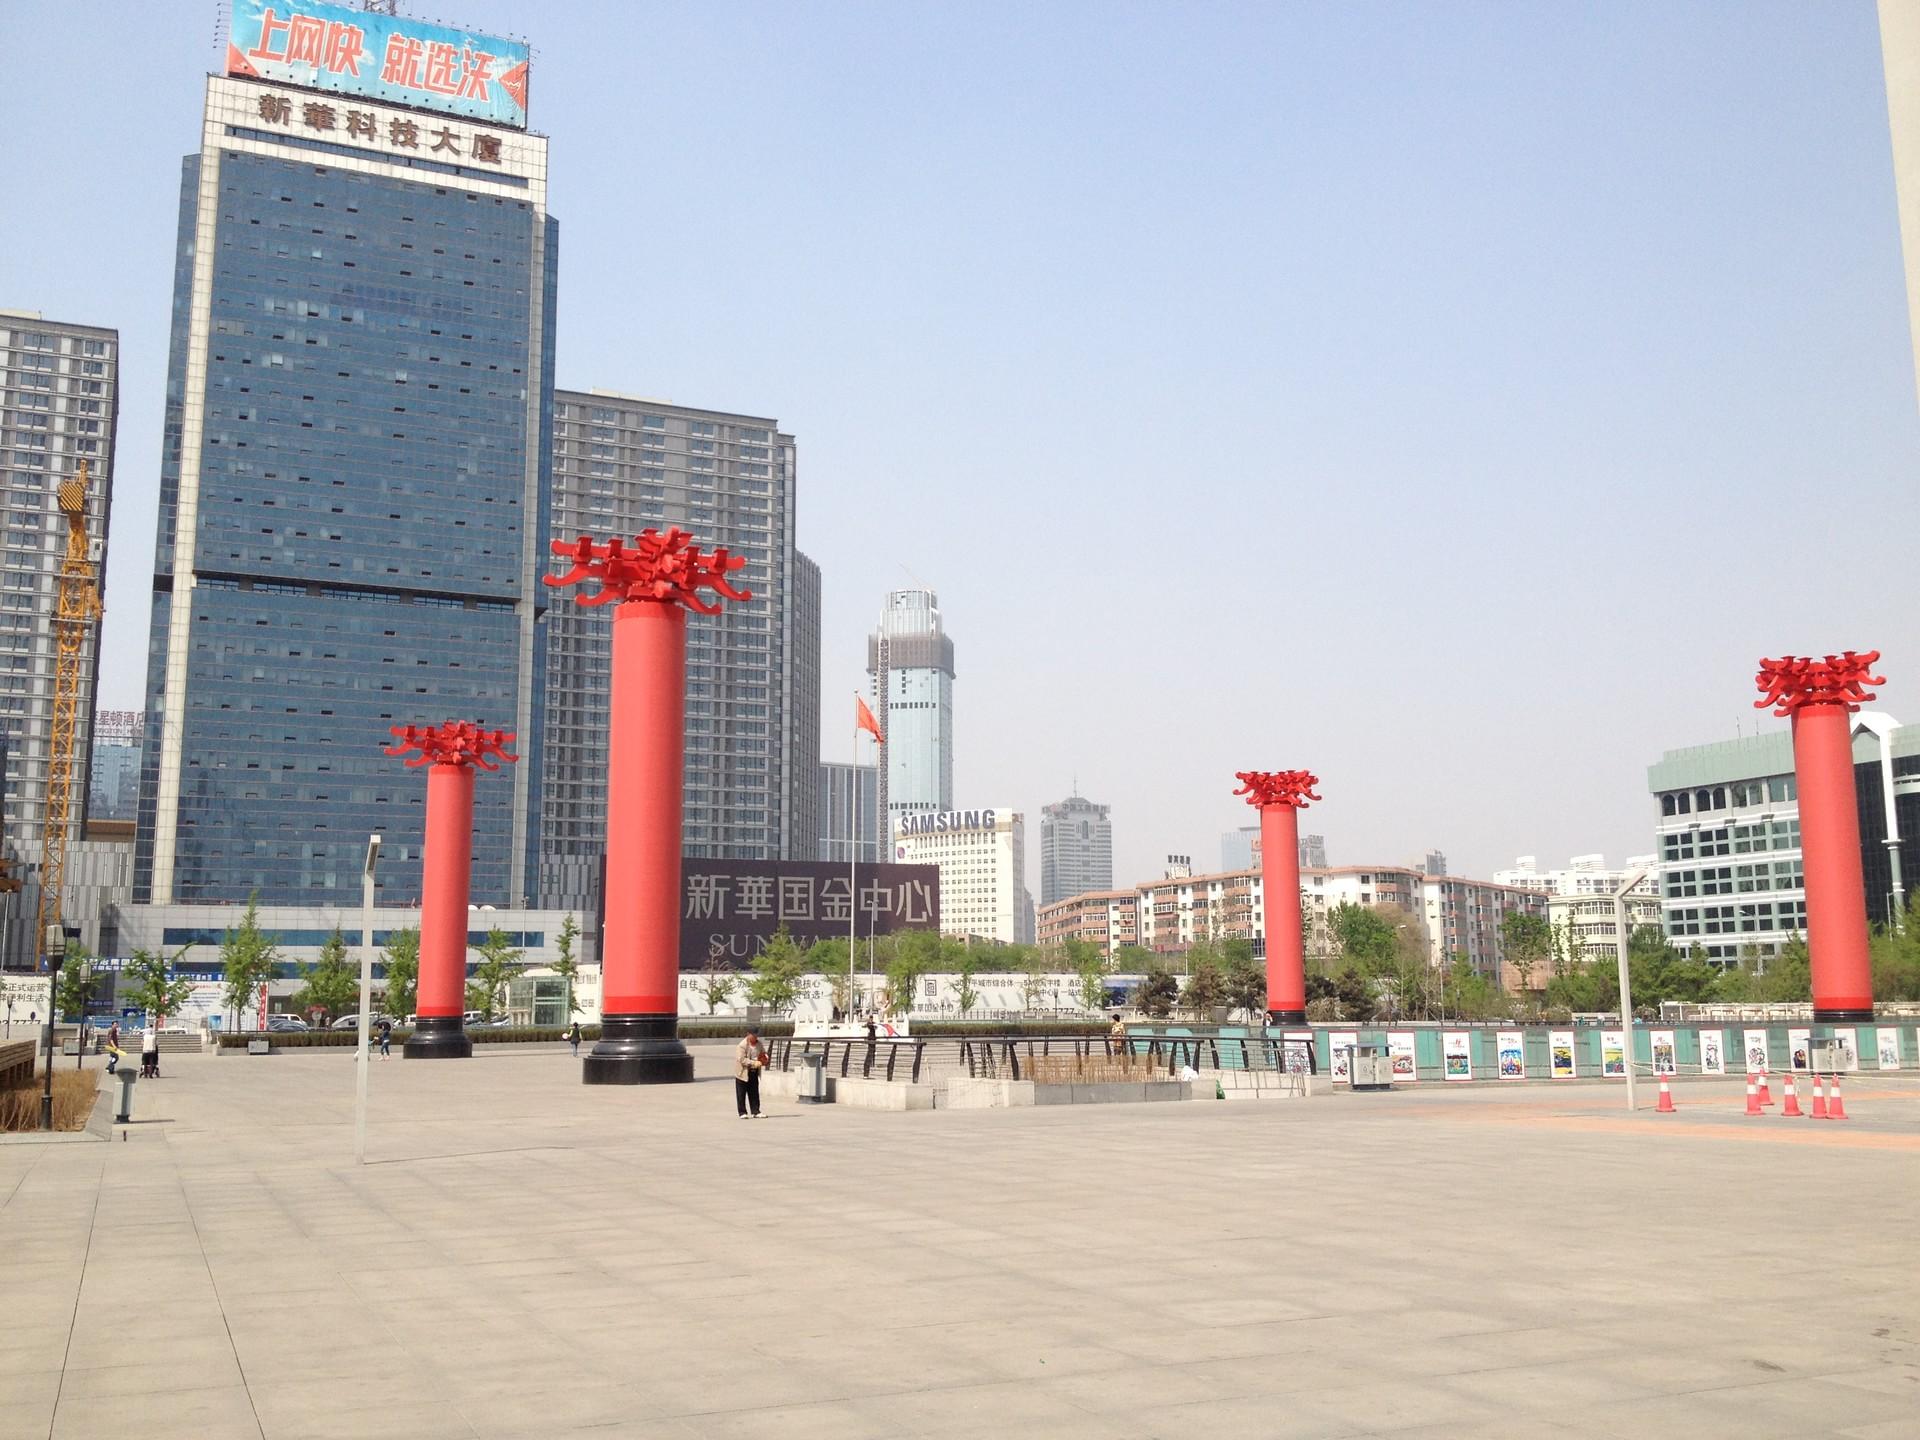 沈阳市府广场